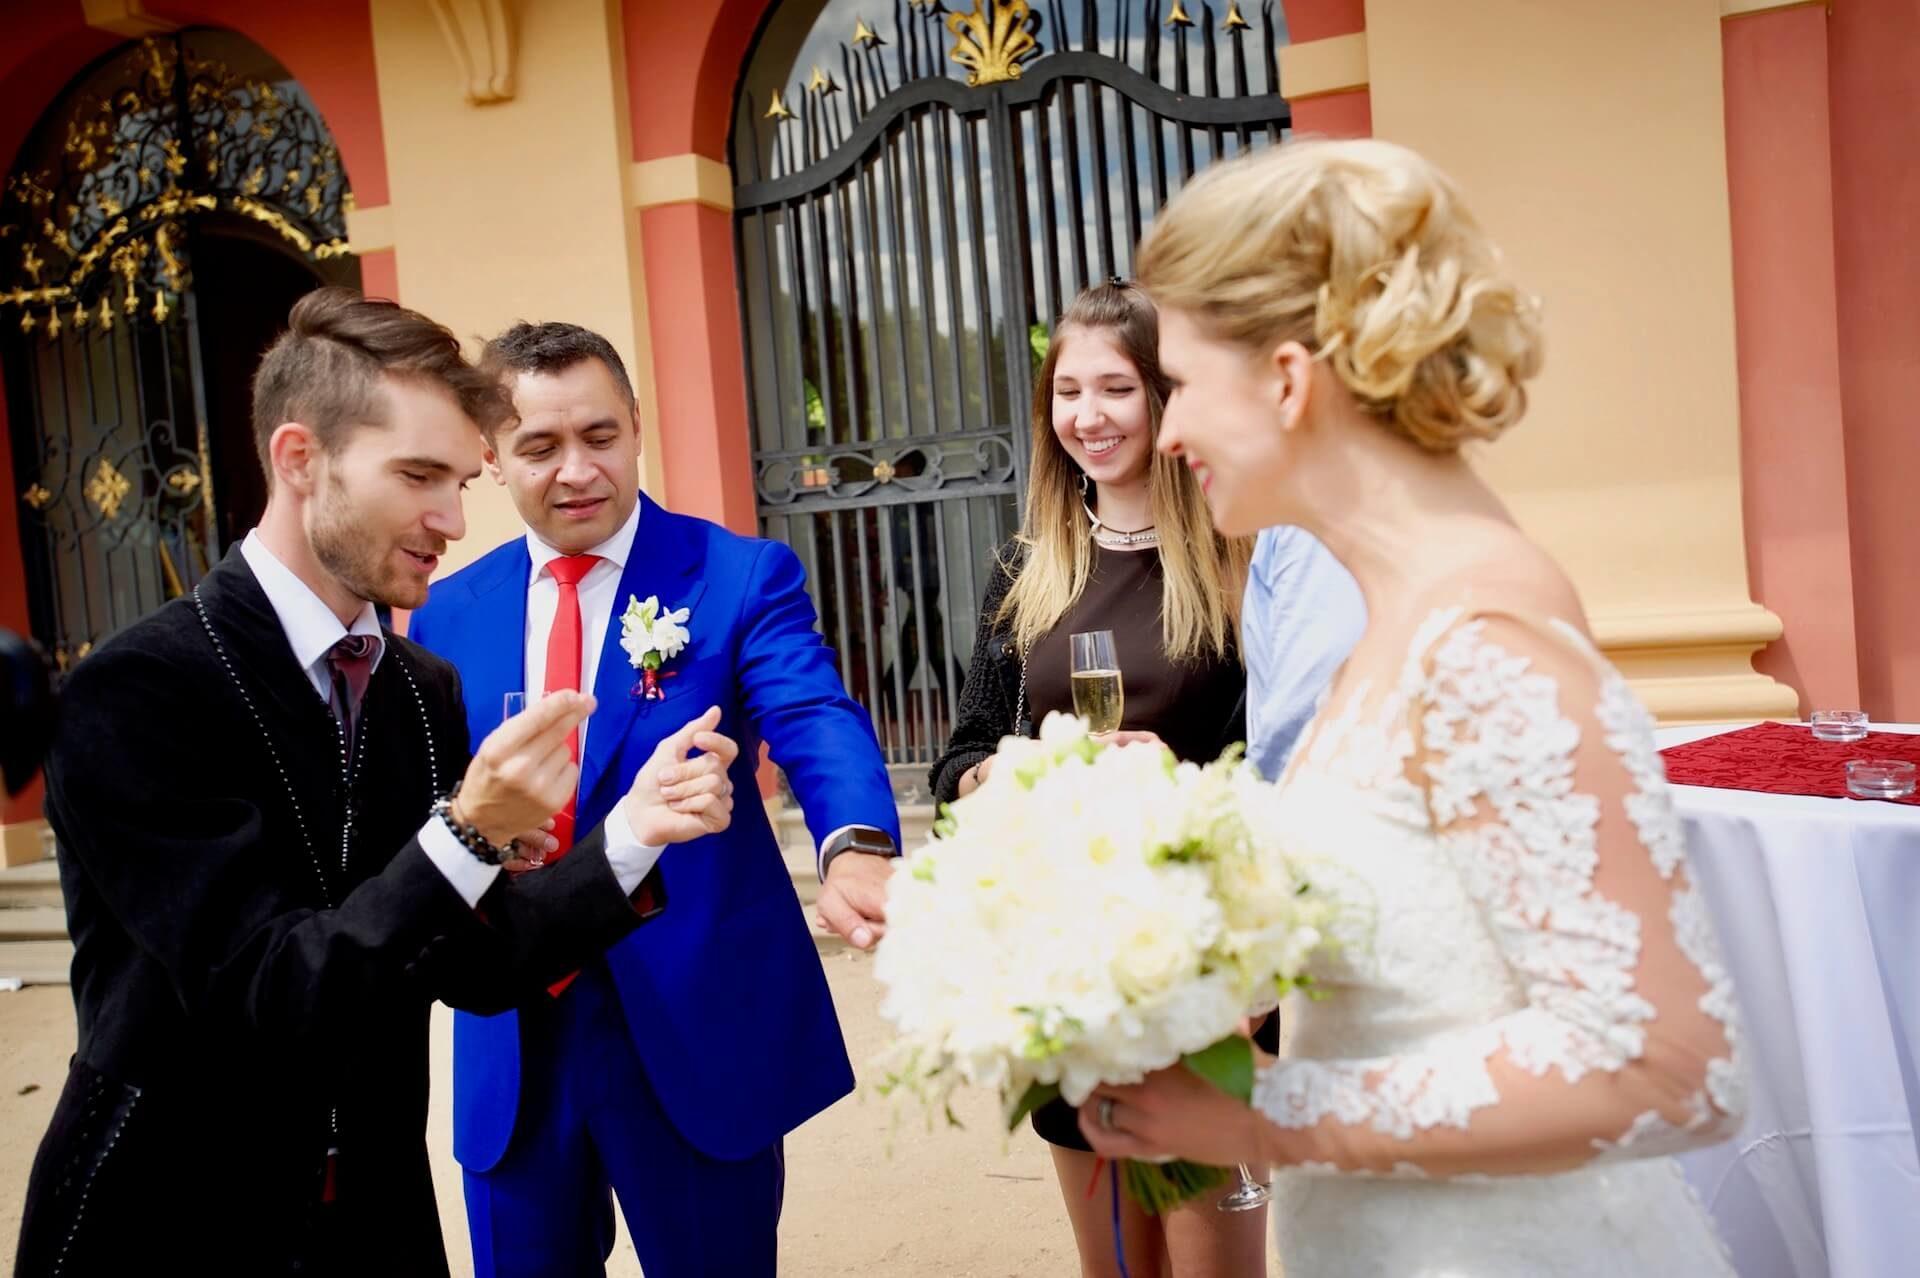 Kouzelník Martin Kellman - kouzlo pro nevěstu